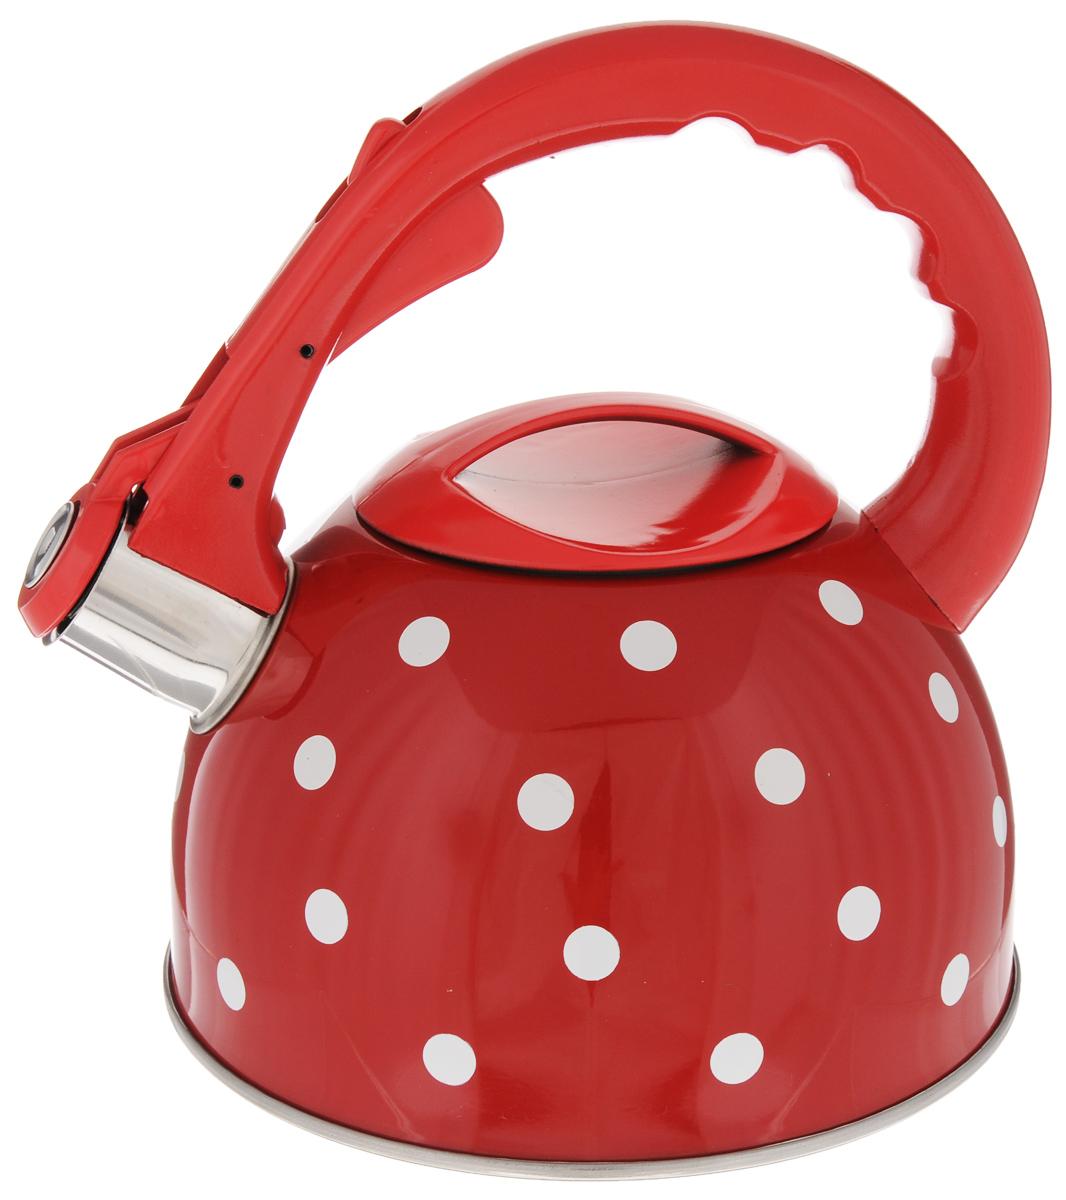 Чайник Mayer & Boch Горох, со свистком, 2,5 л. 2604668/5/4Чайник со свистком Mayer & Boch изготовлен из высококачественной нержавеющей стали, что обеспечивает долговечность использования. Носик чайника оснащен откидным свистком, звуковой сигнал которого подскажет, когда закипит вода. Фиксированная ручка, изготовленная из пластика и цинка, снабжена клавишей для открывания носика, что делает использование чайника очень удобным и безопасным.Чайник Mayer & Boch - качественное исполнение и стильное решение для вашей кухни. Подходит для всех типов плит, включая индукционные. Можно мыть в посудомоечной машине. Высота чайника (с учетом ручки): 22,5 см.Высота чайника (без учета ручки и крышки): 12 см.Диаметр чайника (по верхнему краю): 10 см.Диаметр основания: 19 см.